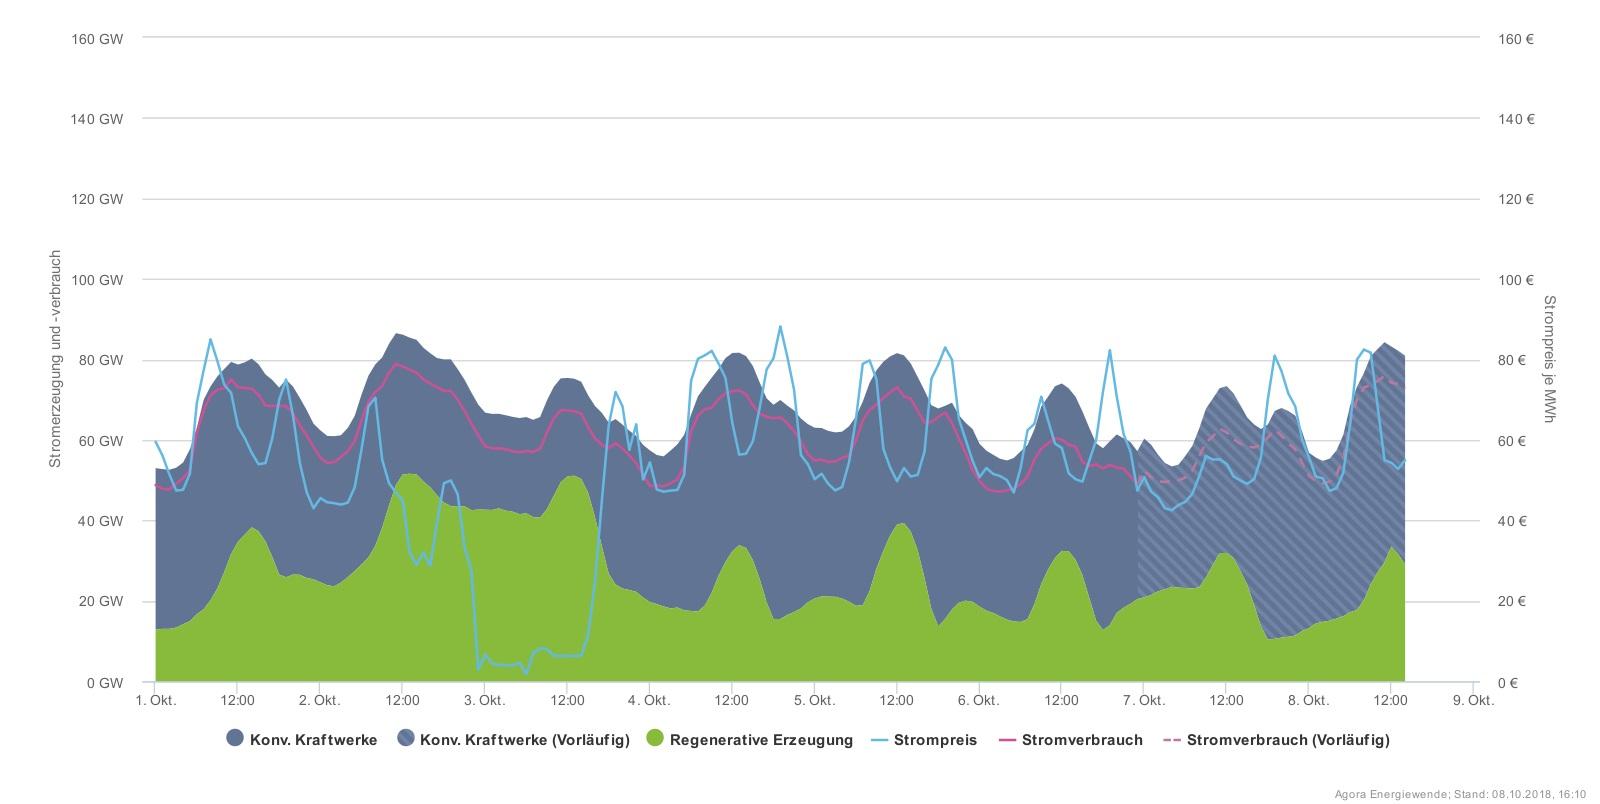 Vysoké ceny dováženého černého uhlí a plynu i nárůst ceny povolenek přispěl k značnému růstu cen silové elektřiny na trhu, která se teď v různých fázích denního diagramu pohybuje mezi 50 až 80 EUR/MWh. V okamžiku, kdy však začne ideálně foukat, klesn